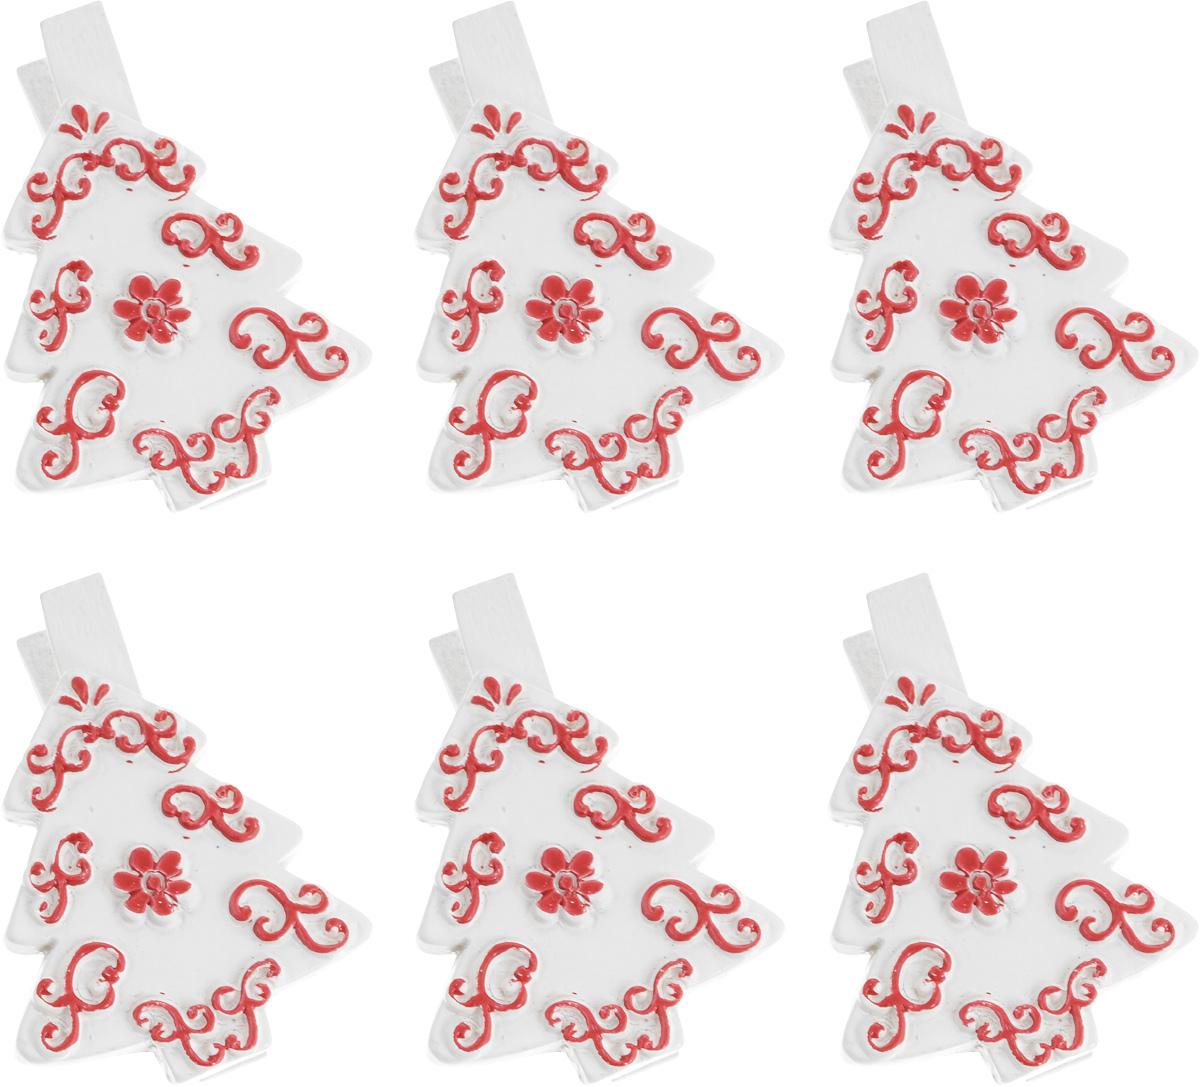 Набор новогодних декоративных украшений Lunten Ranta Елка, на прищепке, цвет: белый, 6 штC0038550Набор Lunten Ranta Елка состоит из 6 декоративных украшений - прищепок, изготовленных из полирезины и дерева. Изделия станут прекрасным дополнением к оформлению вашего новогоднего интерьера. Они используются для развешивания стикеров на веревке, маленьких игрушек и многого другого. Оригинальность и веселые цвета прищепок будут радовать глаз и поднимут настроение. Длина прищепки: 5 см. Размер декоративного элемента прищепки: 3,5 х 4 см.